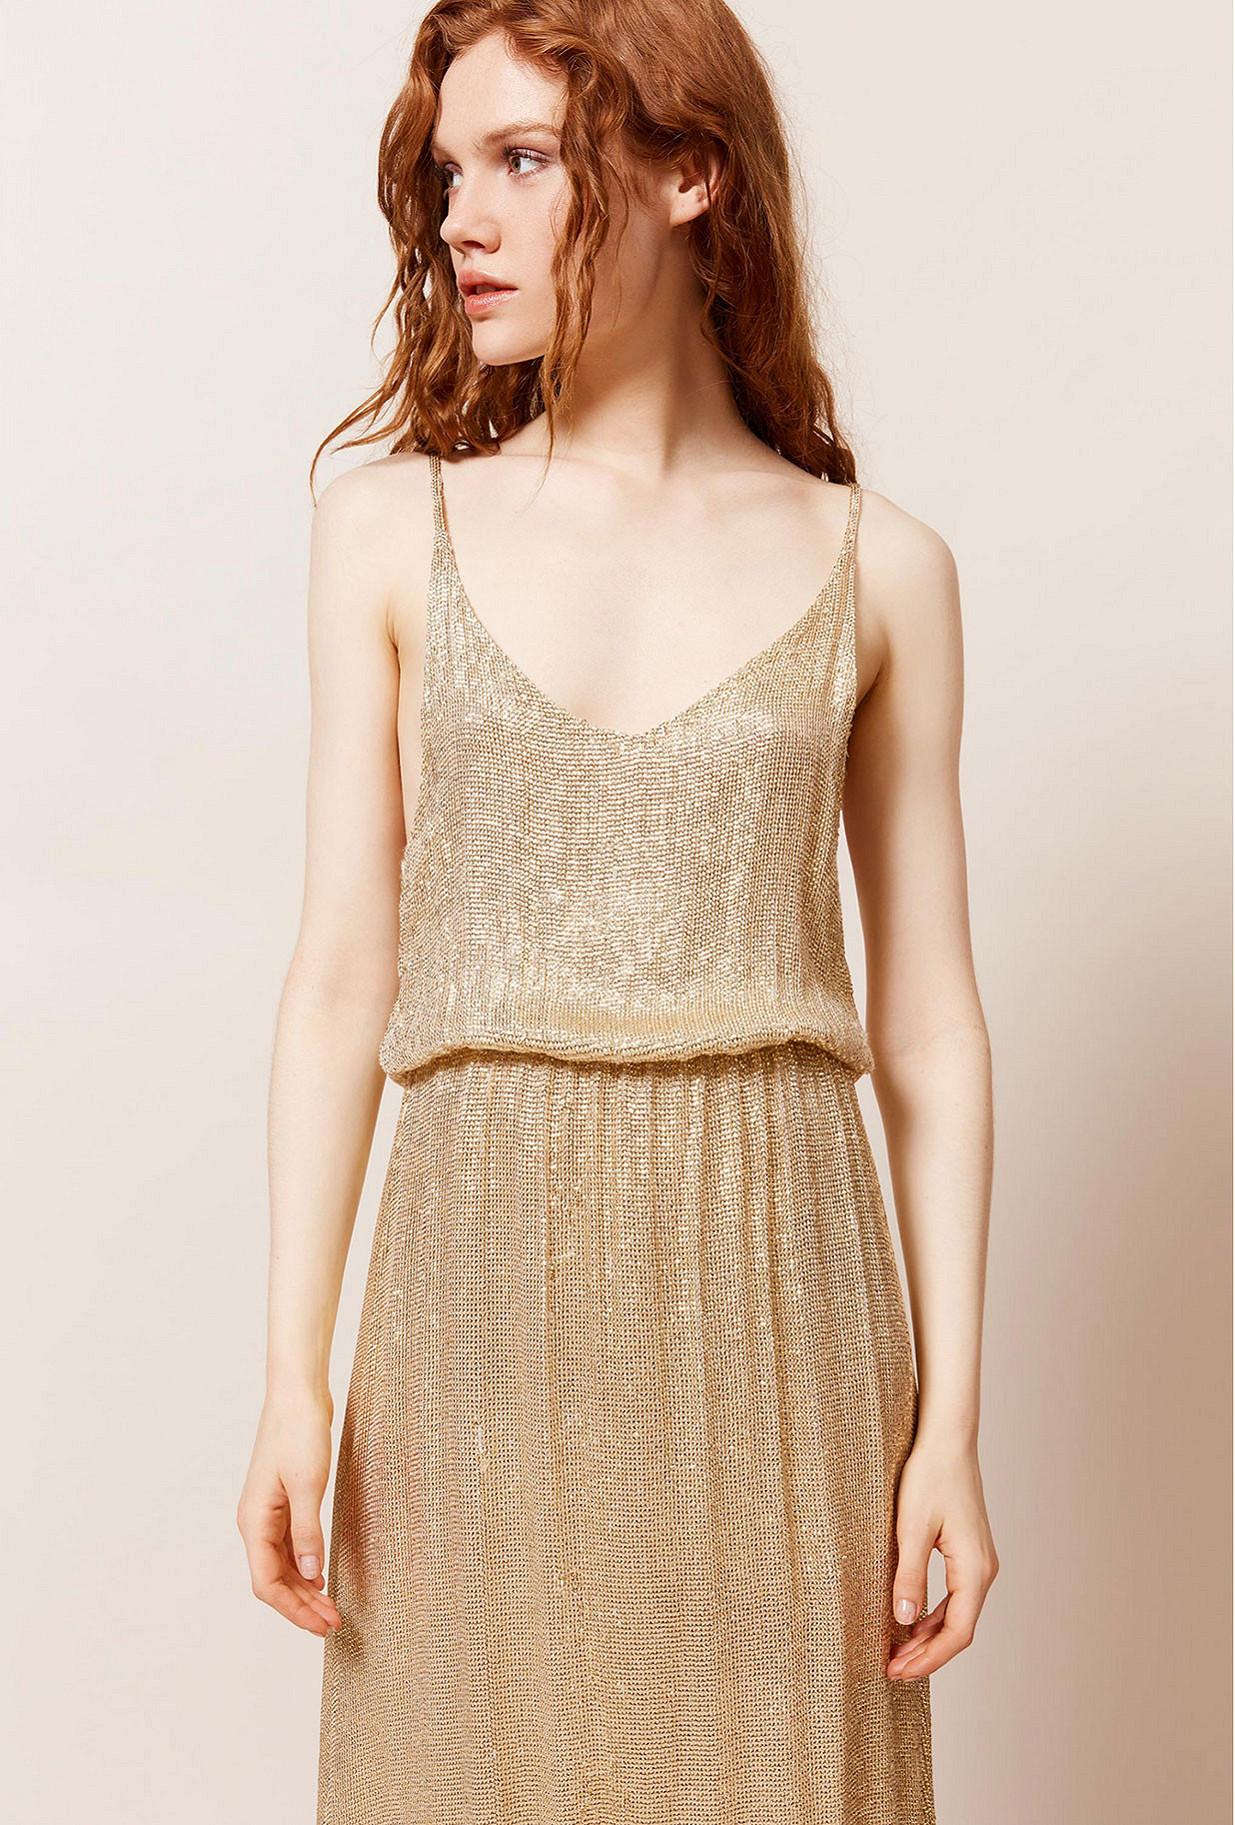 Paris clothes store Dress  Philo french designer fashion Paris